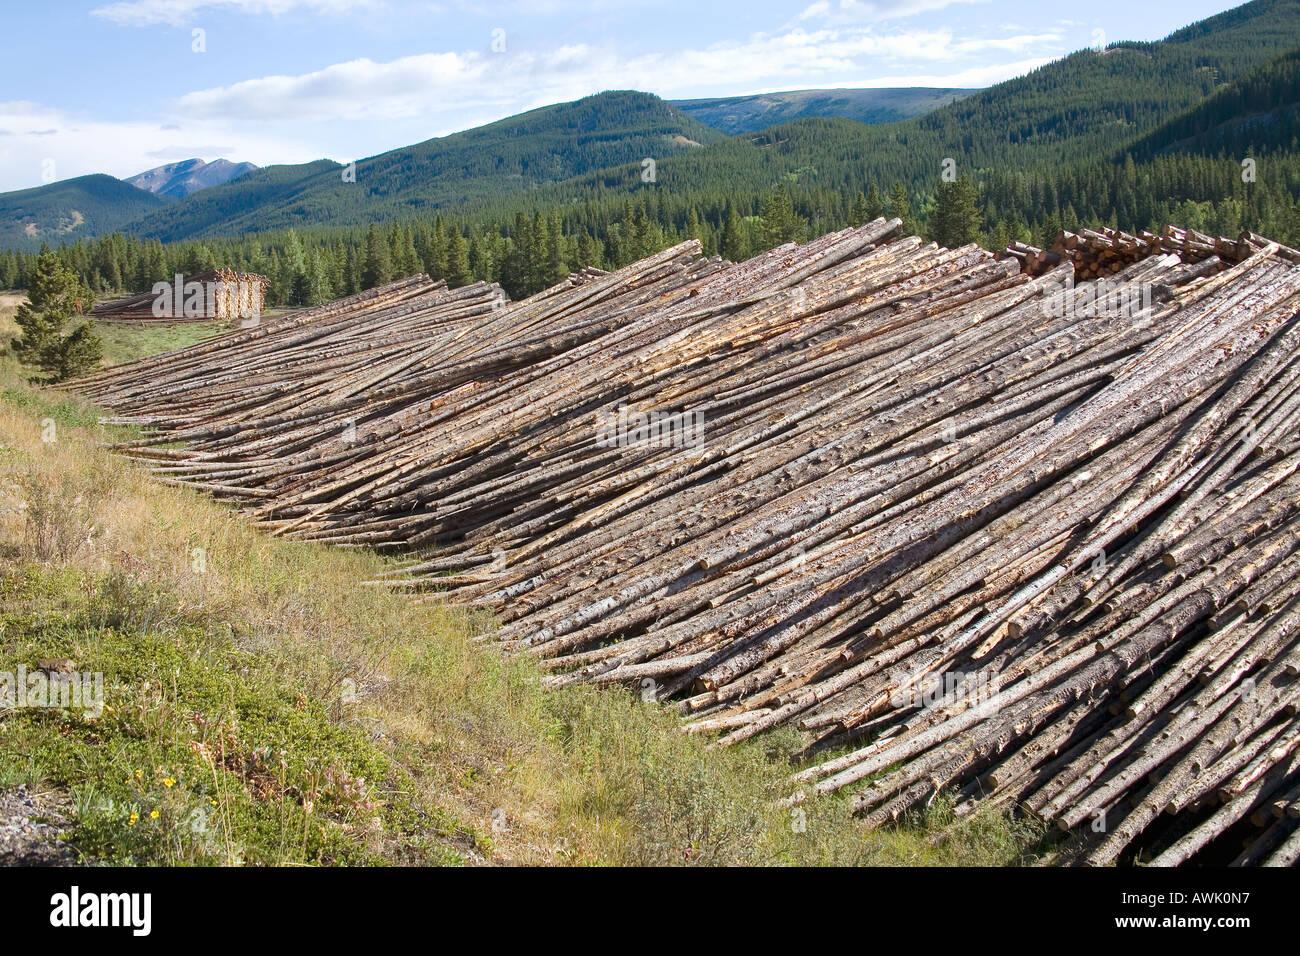 Des kilomètres de forêt - arbres abattus dans l'exploitation forestière commerciale Livingstone valley Rocheuses Alberta Canada Photo Stock